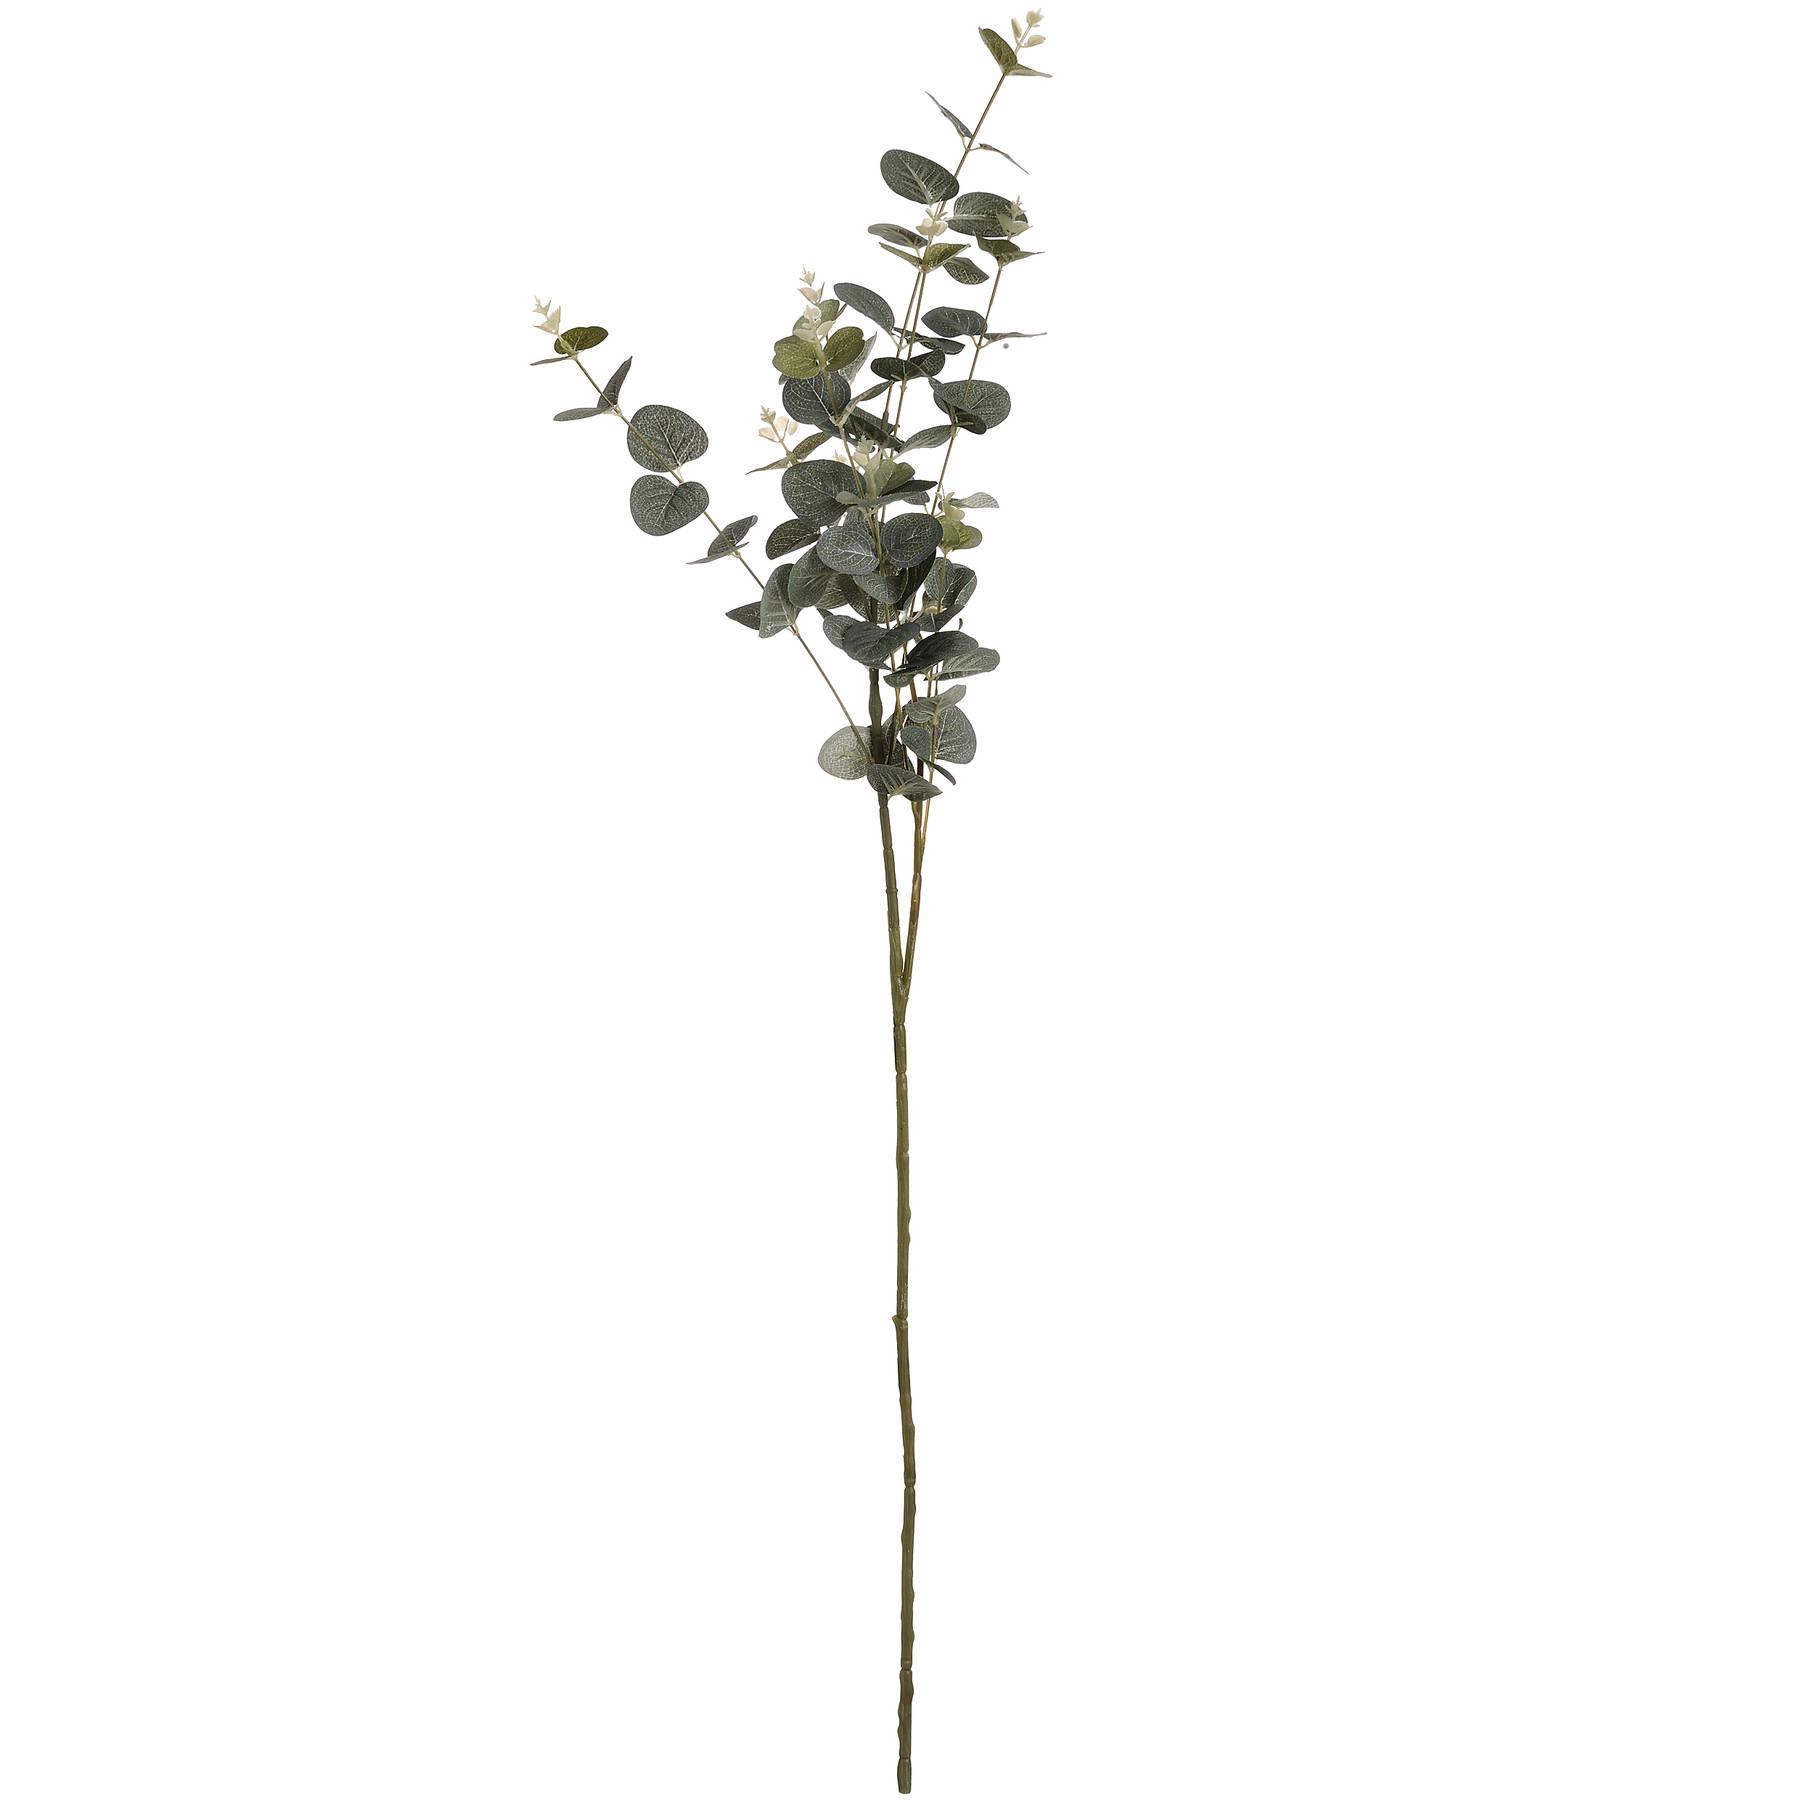 Eucalyptus Spray - Image 6